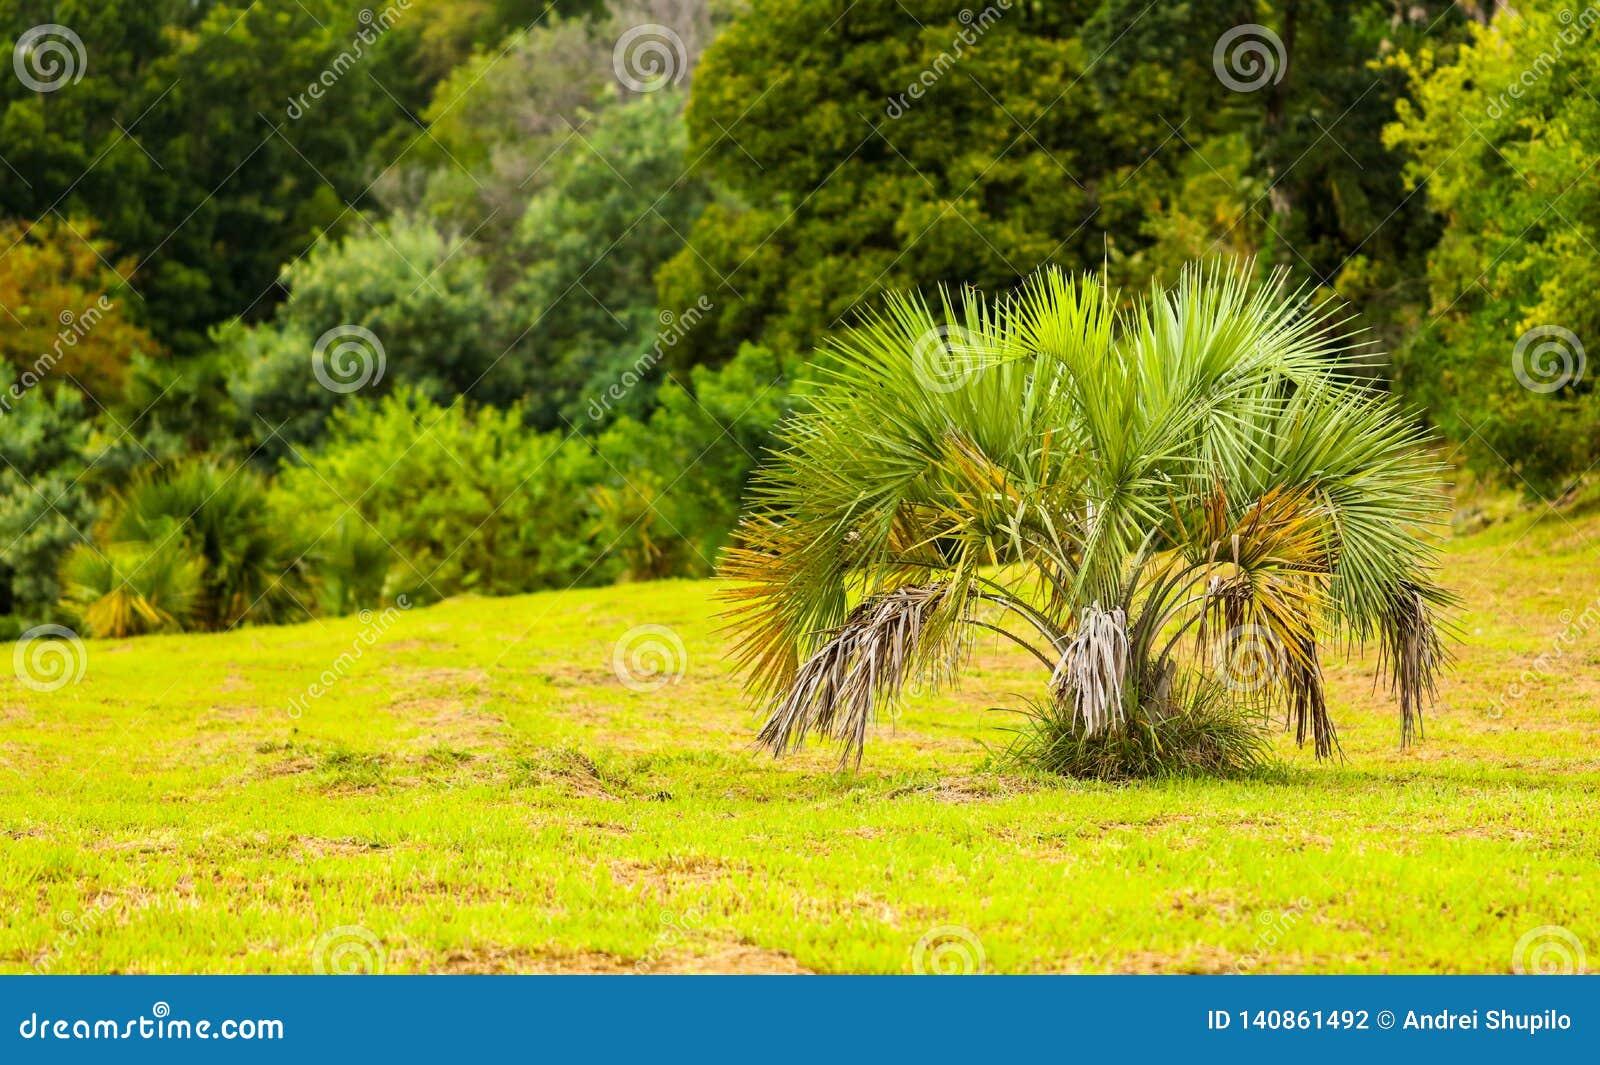 Parkowi palm drzewa Podzwrotnikowy klimat